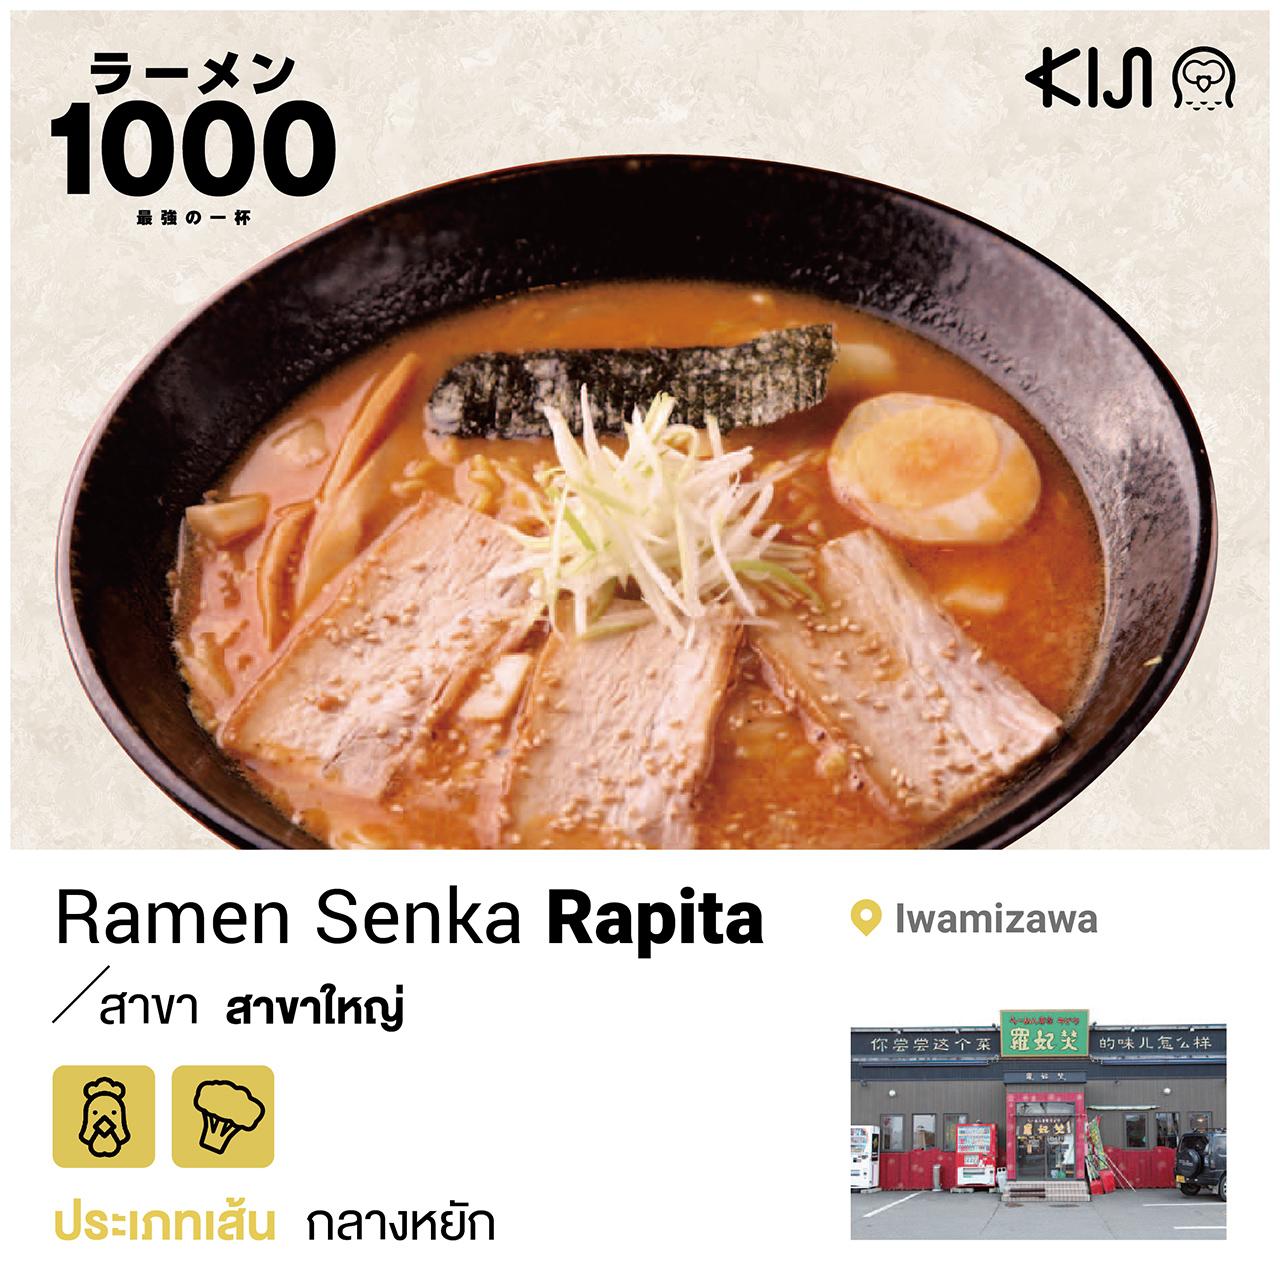 ร้านราเมนในฮอกไกโด - Ramen Senka Rapita สาขาใหญ่